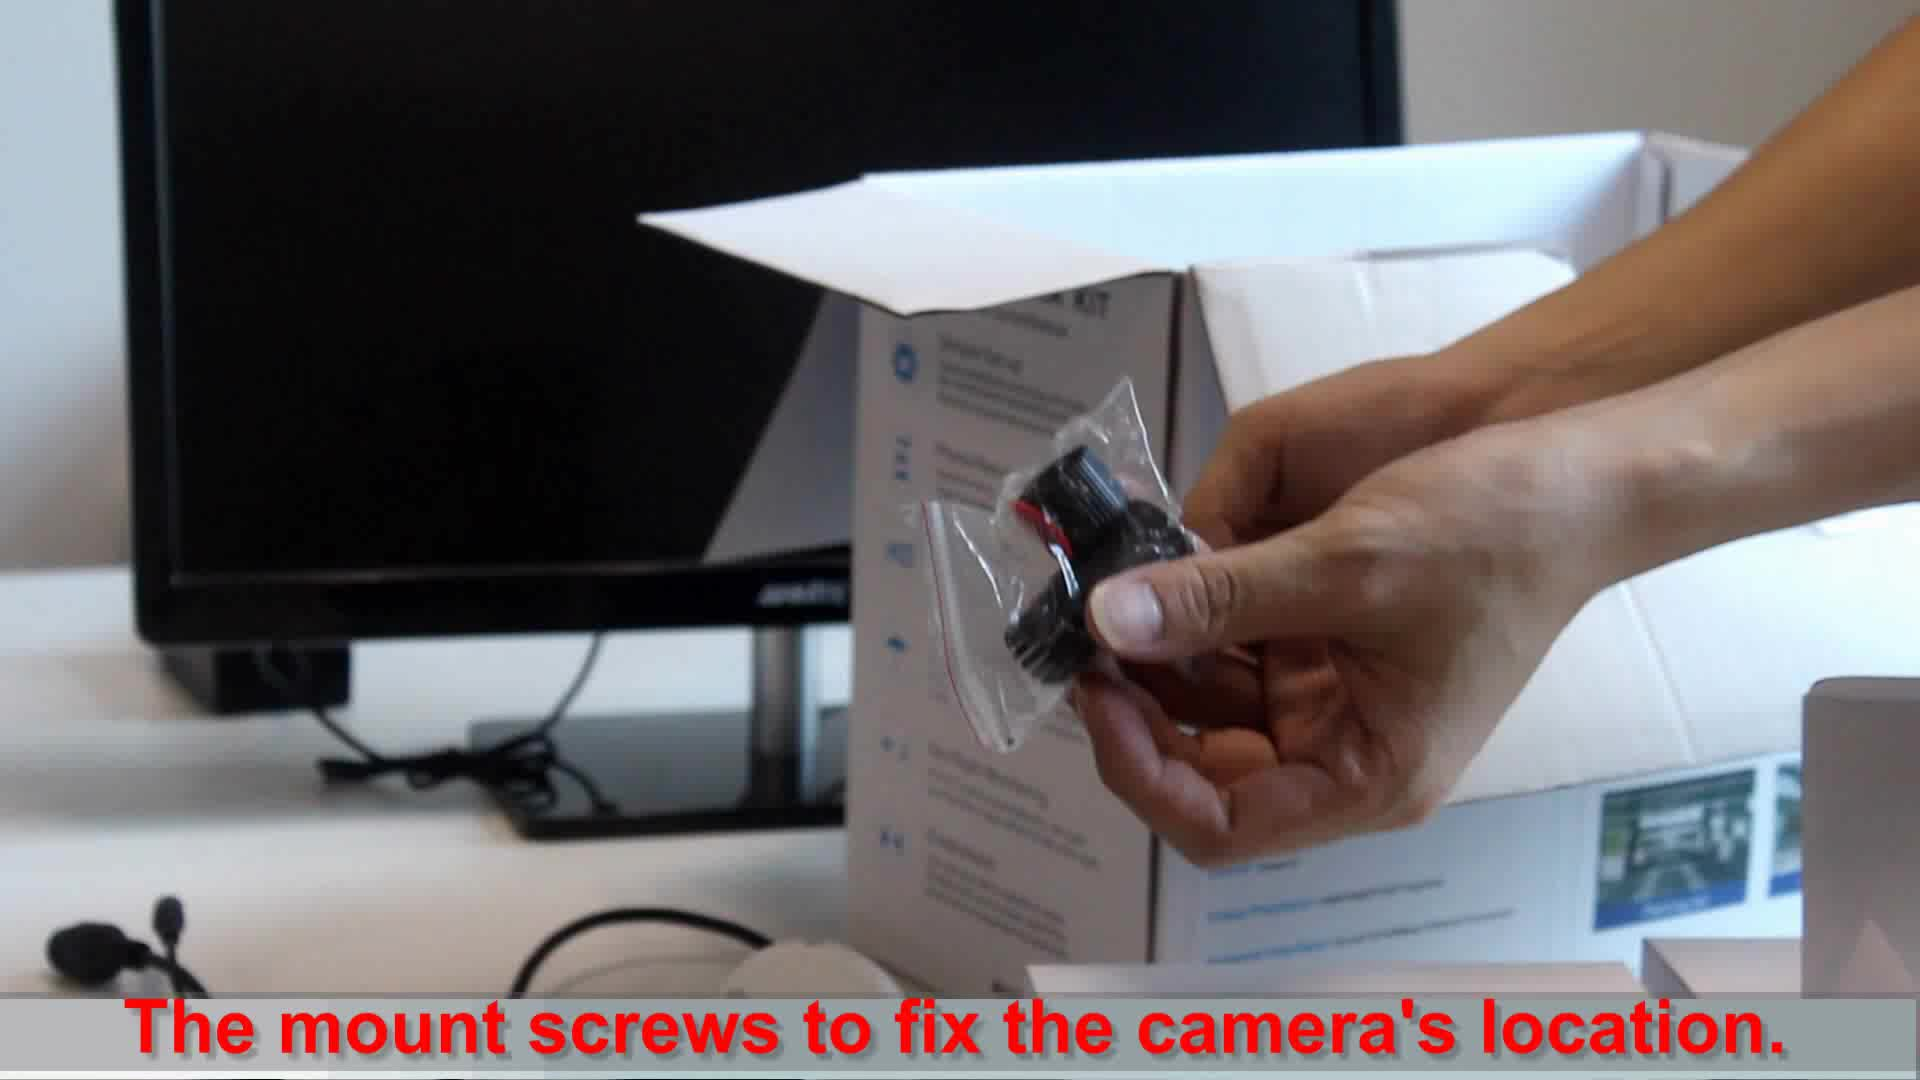 Anran Offre Spéciale 2MP cctv caméra poe et système de caméras de vidéosurveillance maison 150 compteur distance ir caméra de vidéosurveillance 4ch poe nvr kit